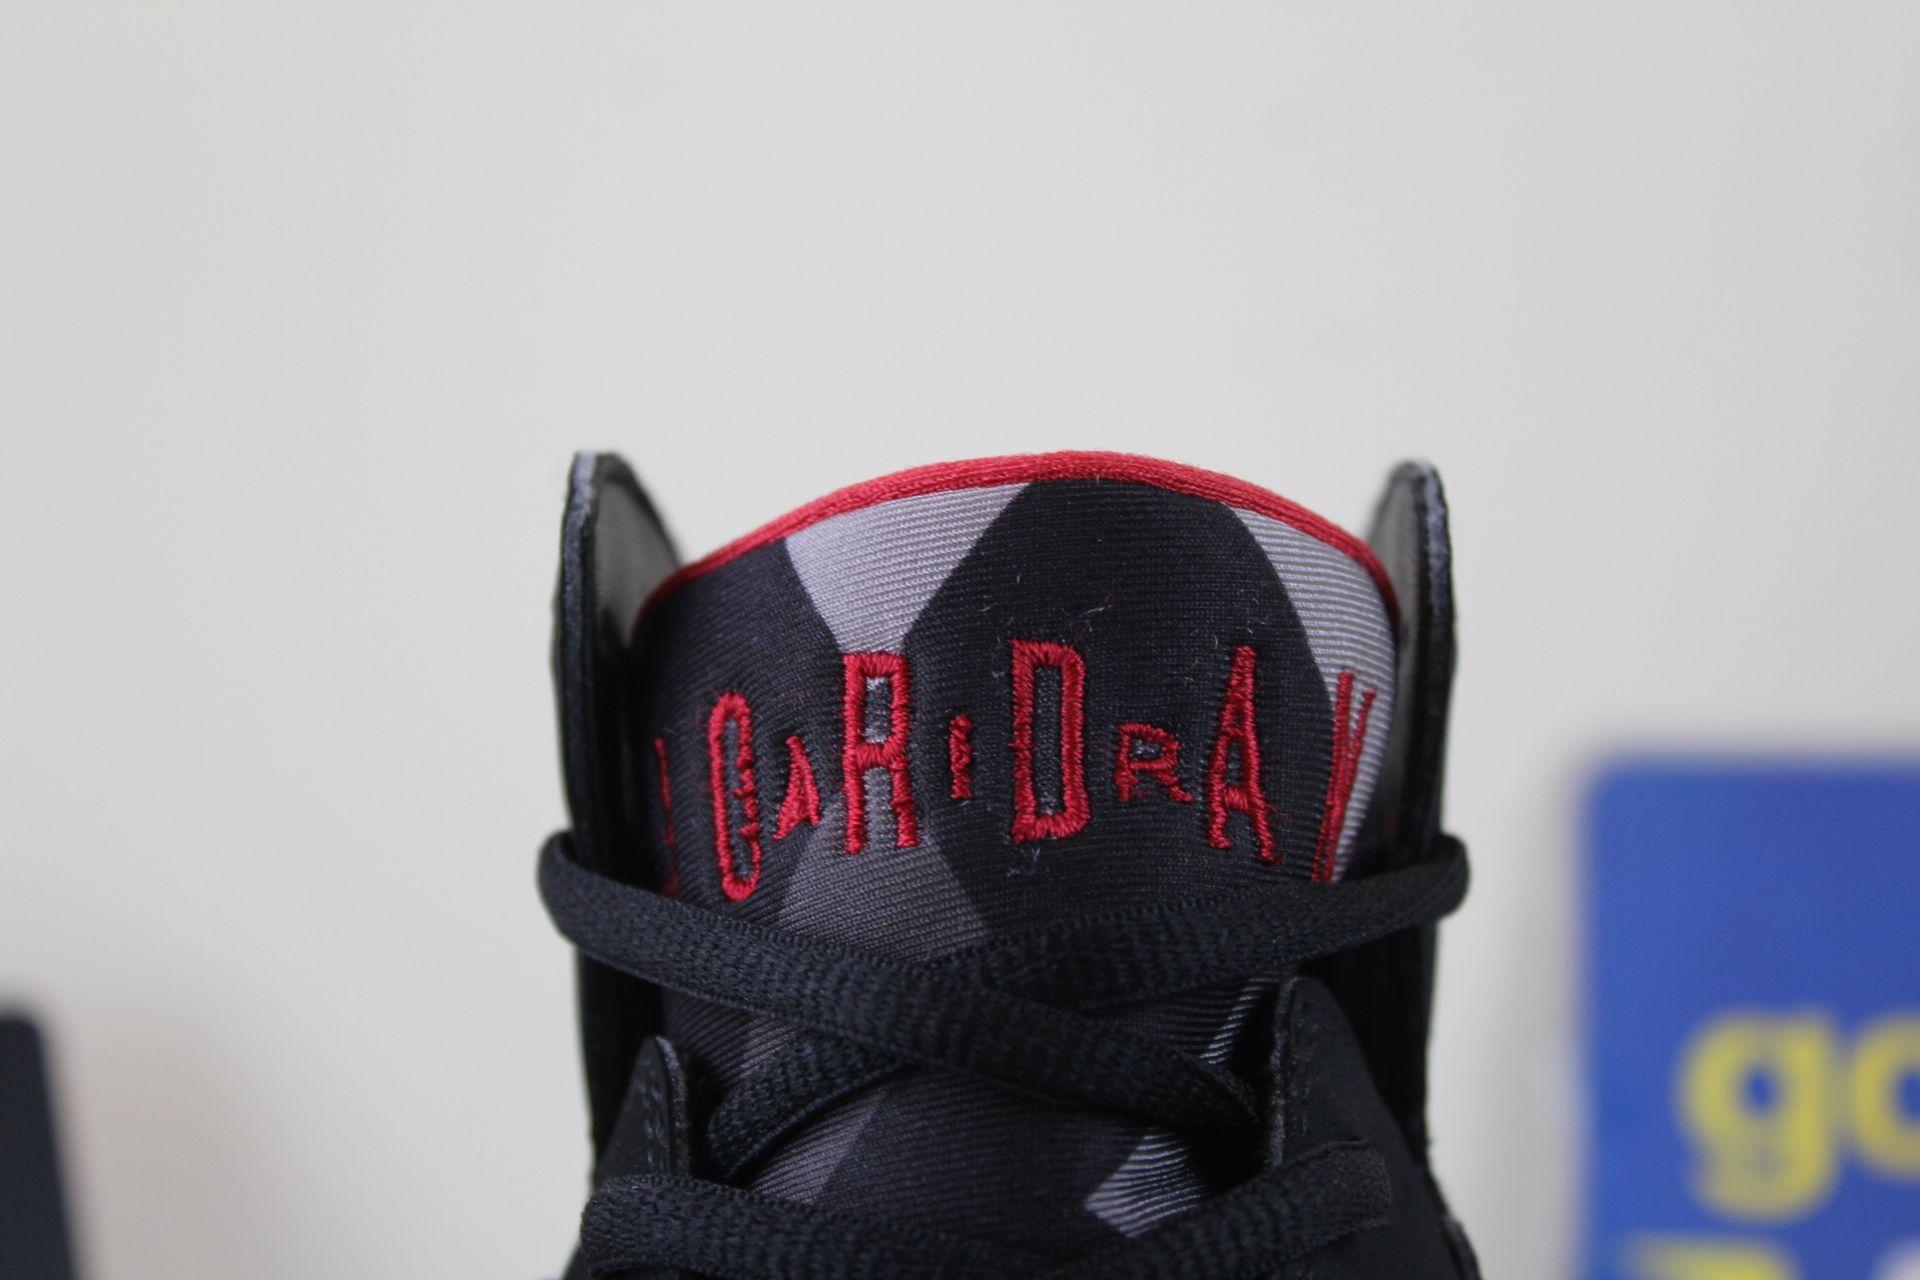 on sale 77556 05713 ... Air Jordan 7 Retro Raptors, 304775-018  Size tag, Air Jordan 7 Retro  Easter GS ...